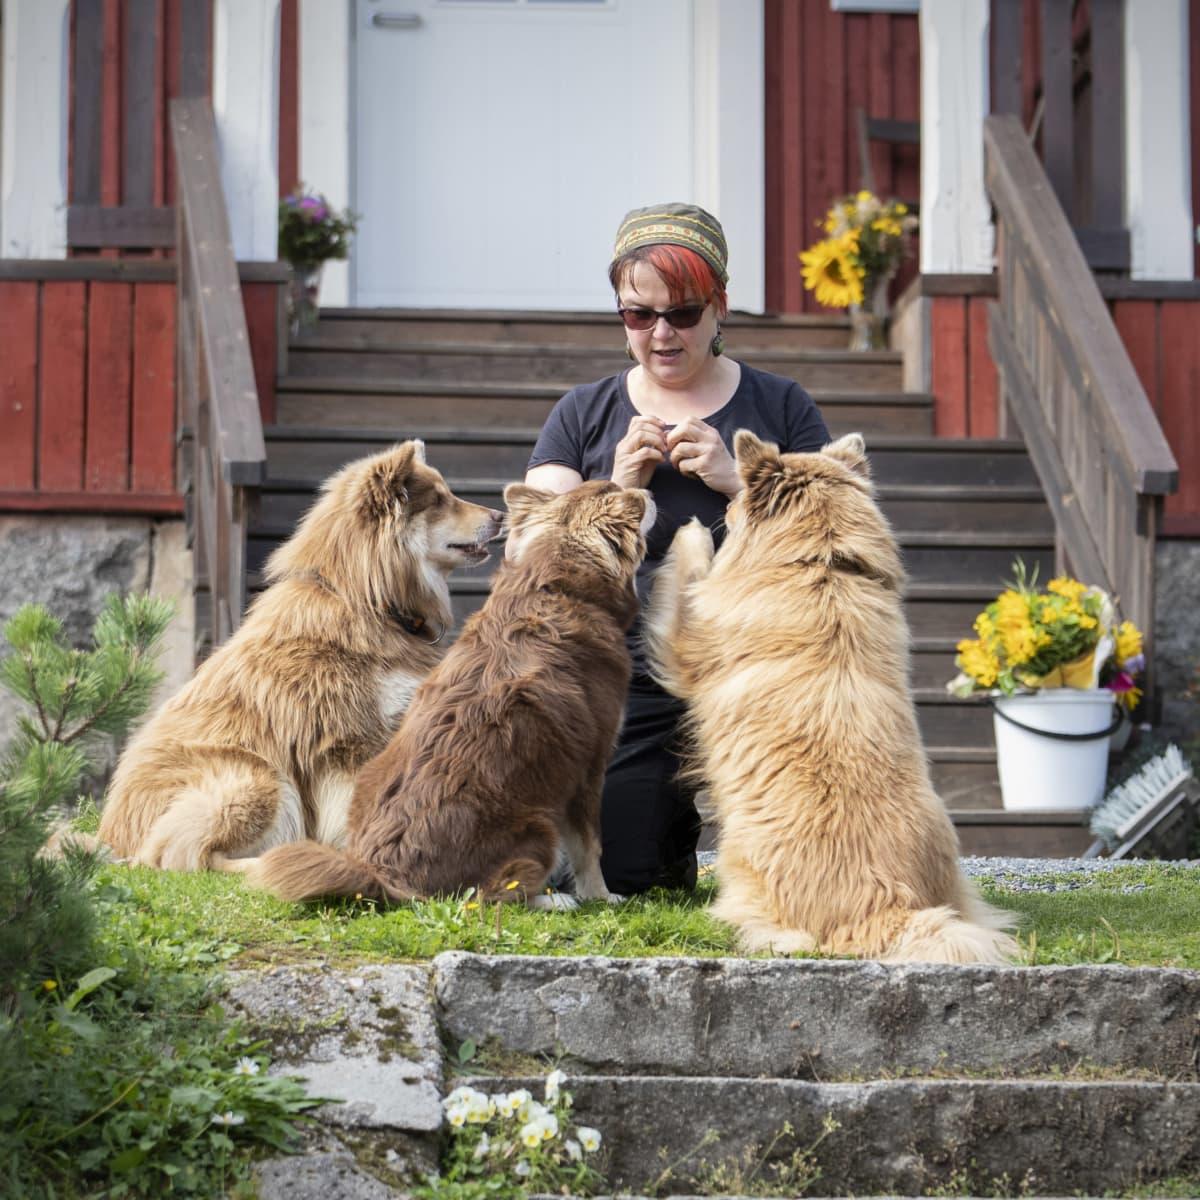 Möhkön Mantan yrittäjä Tuija Lauronen koiriensa kanssa majatalon edustalla.